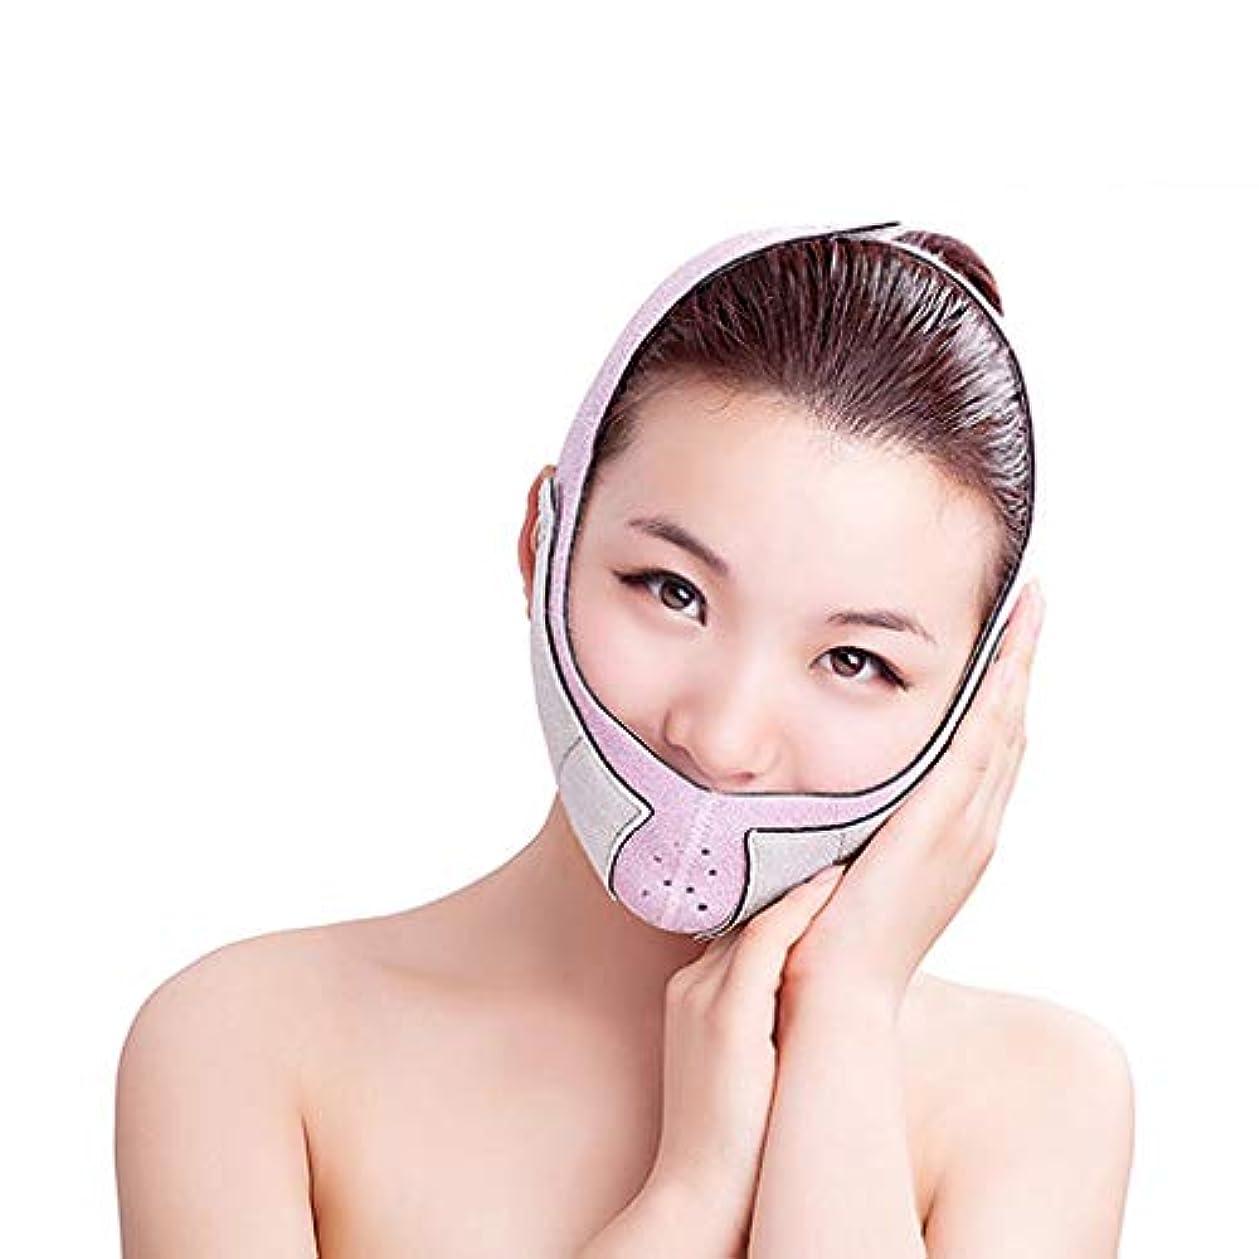 独特の遮る夢減量マスク頬の皮膚会社顎顔リフトマスクマイクロリカバリー固定包帯